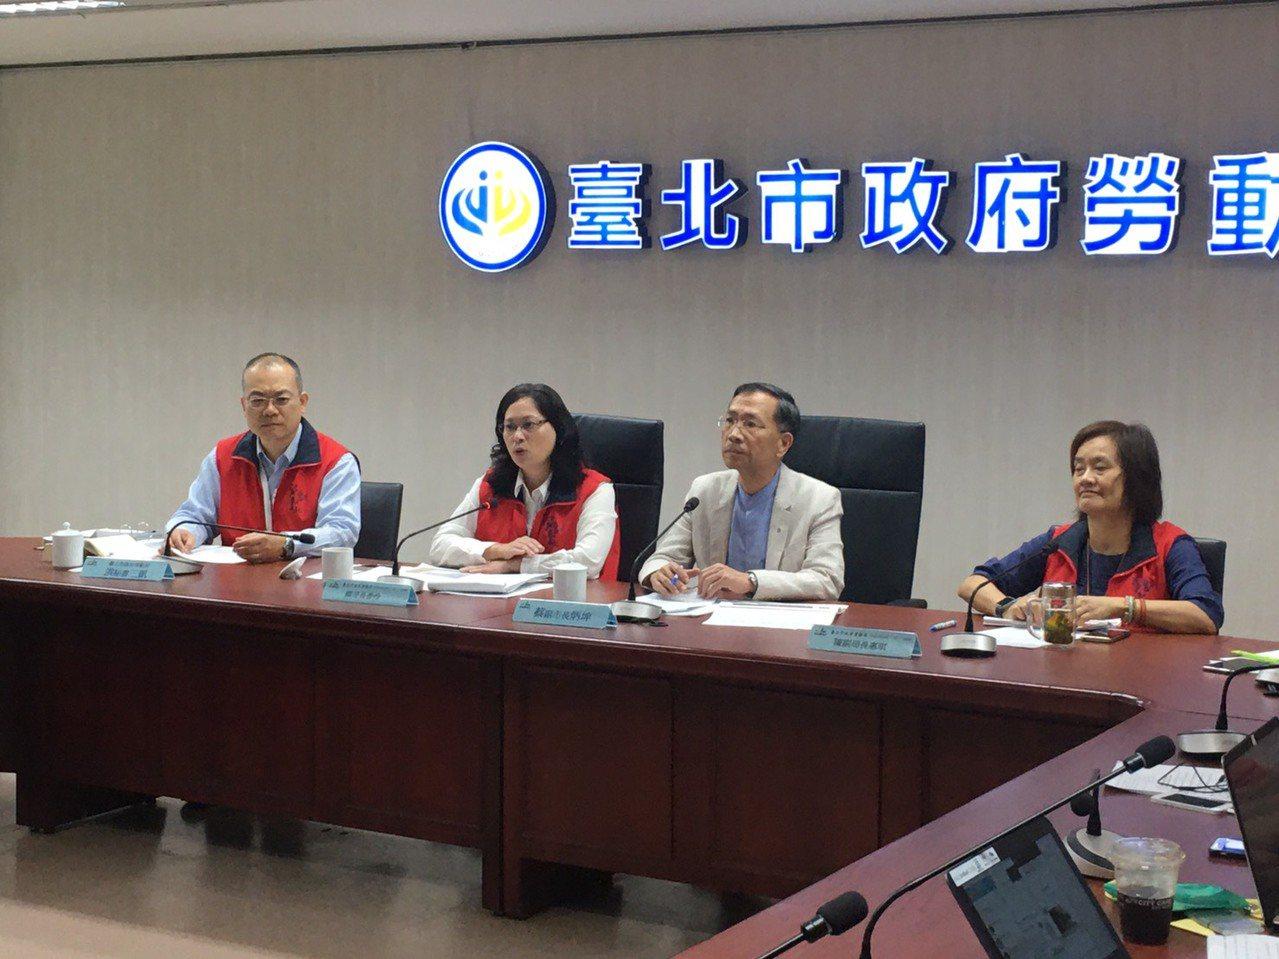 今台北市政府預告「台北市外送平台業者管理自治條例」(草案)。記者魏莨伊/攝影